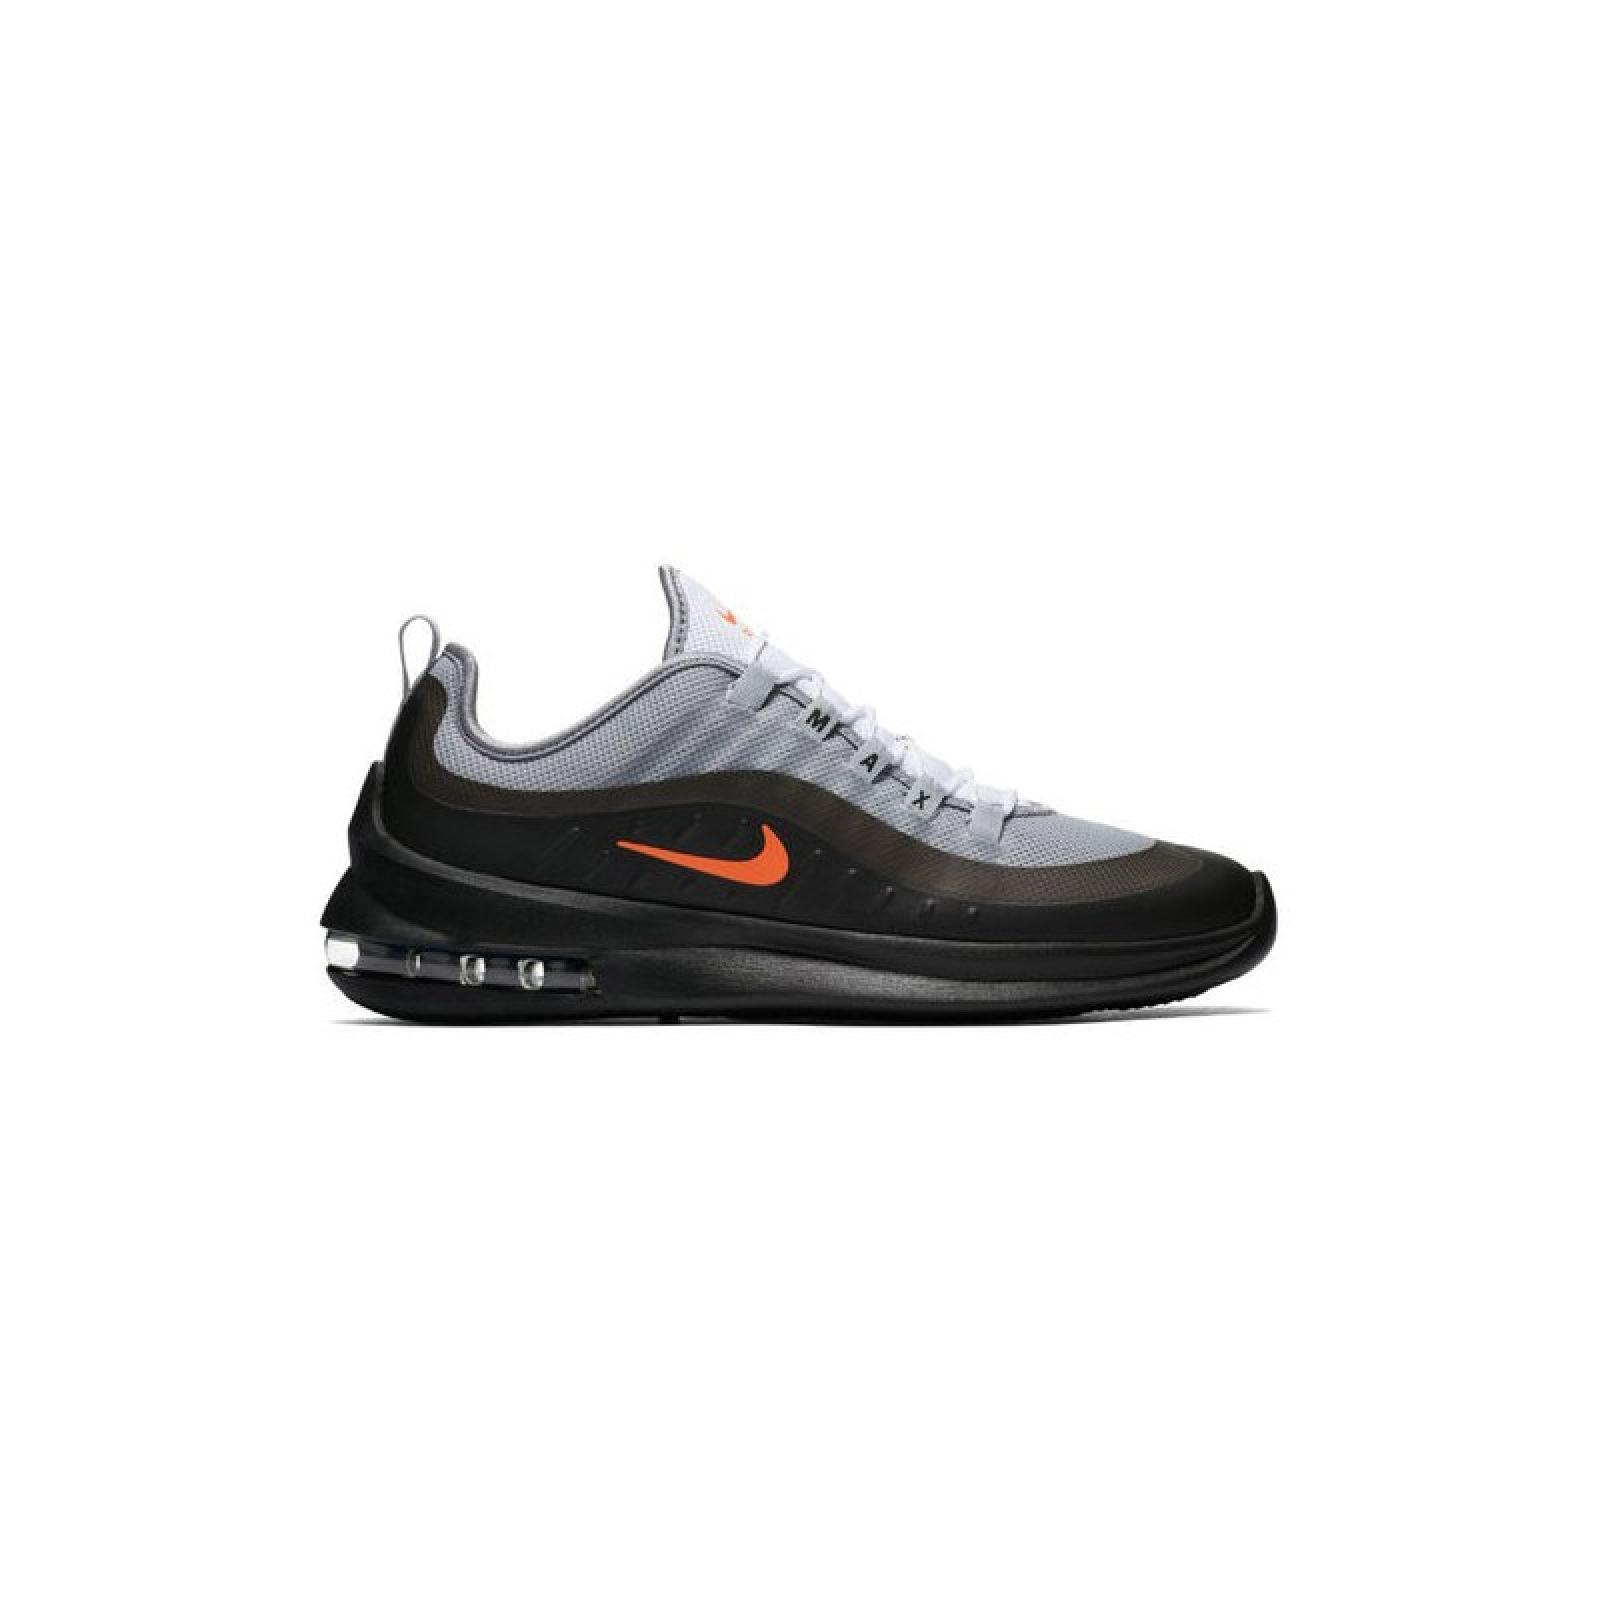 4f874e87f3a Маратонки - онлайн магазин за оригинални маратонки - Nike, Puma, Lacoste,  Pepe Jeans